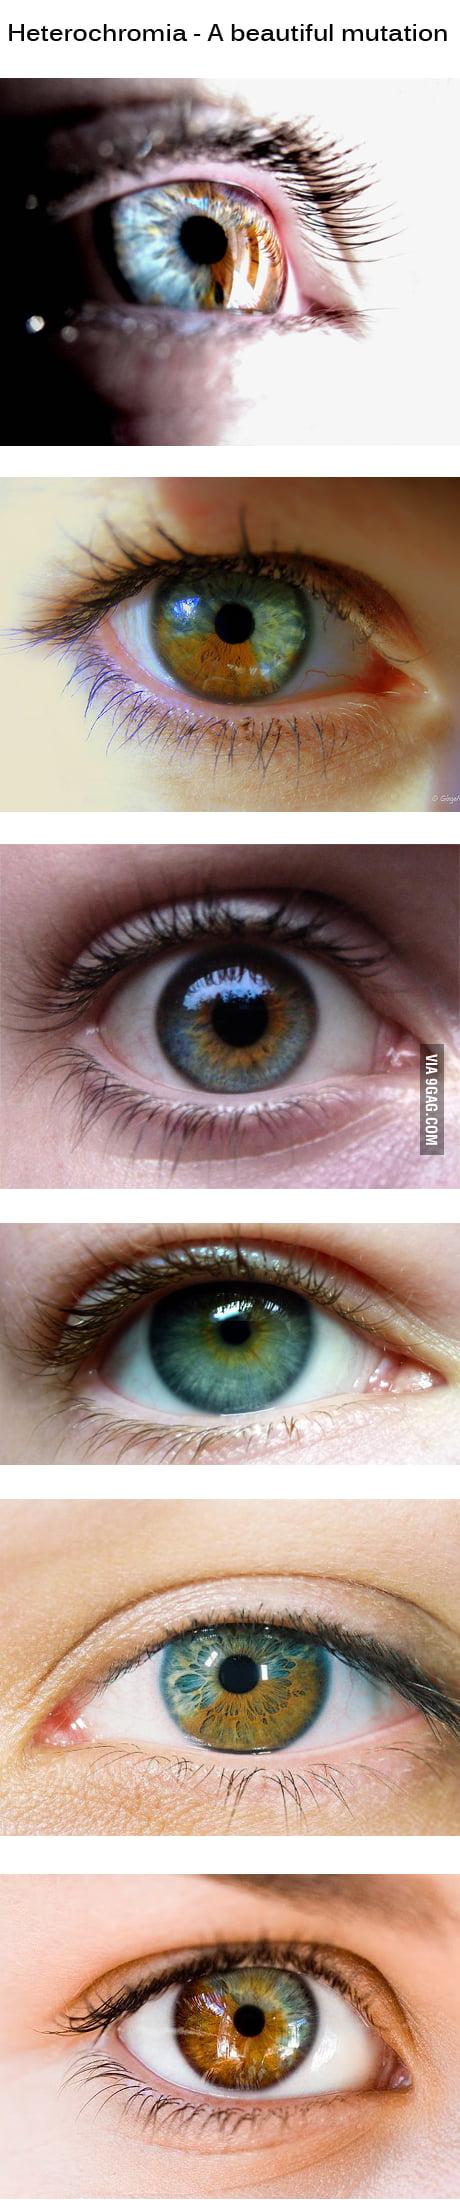 Just a beautiful mutation